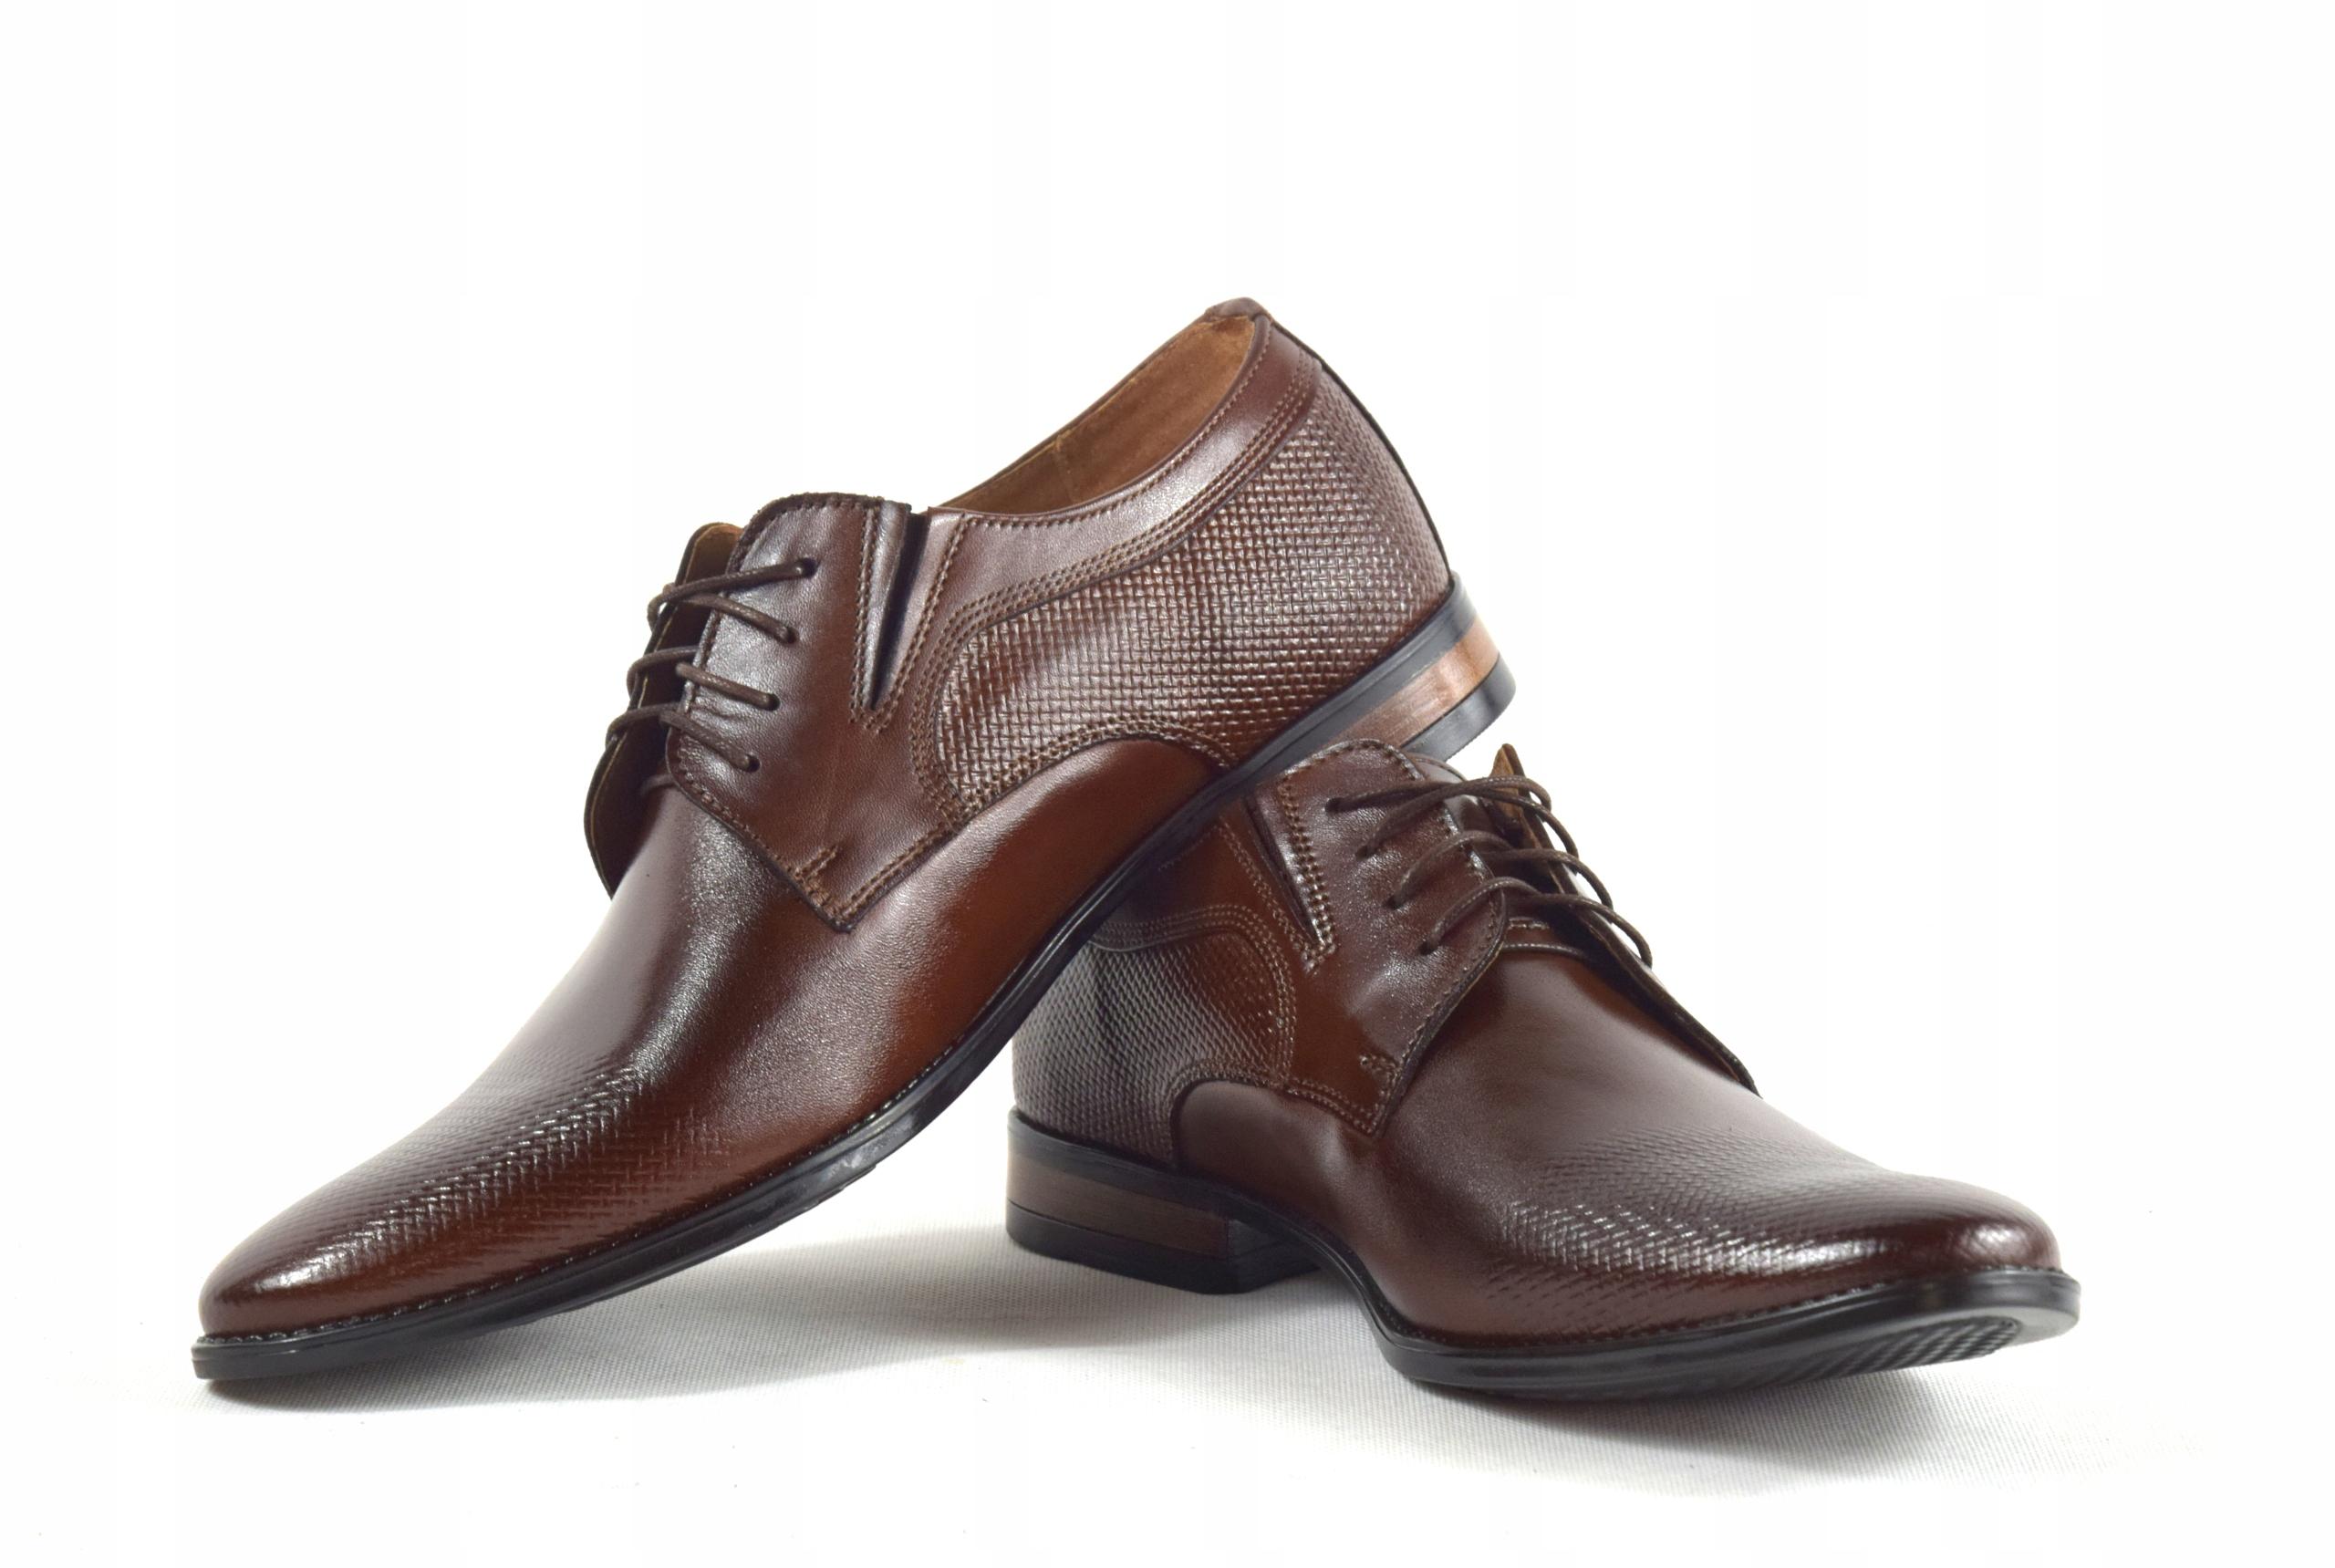 Buty męskie wizytowe skórzane brązowe obuwie 359/1 Oryginalne opakowanie producenta pudełko